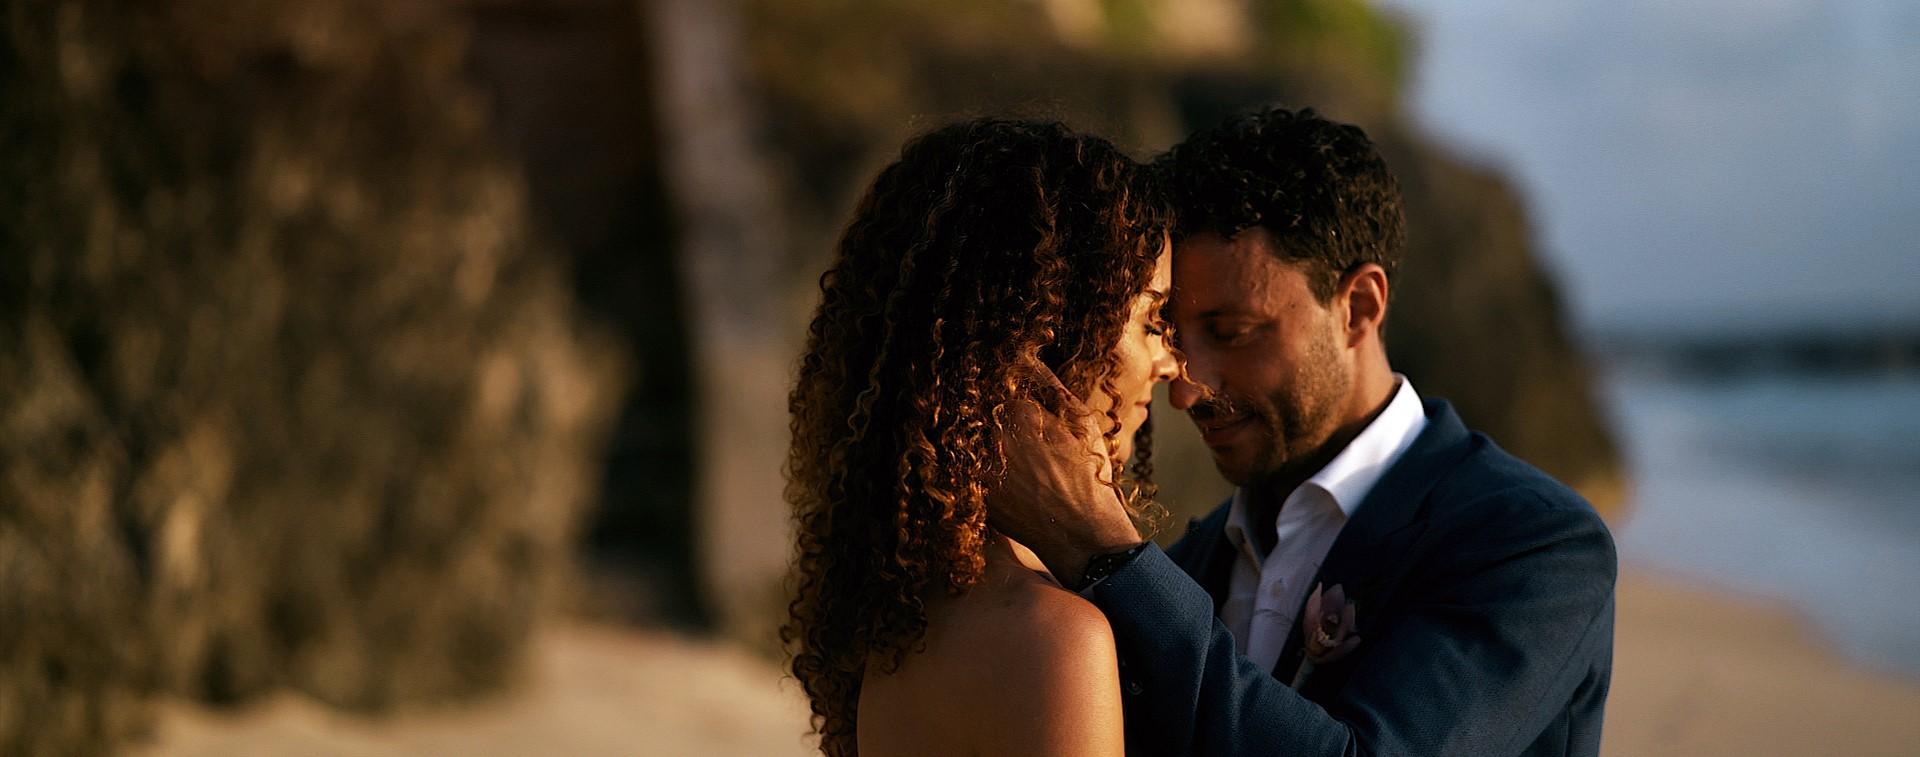 Mustique Wedding Video